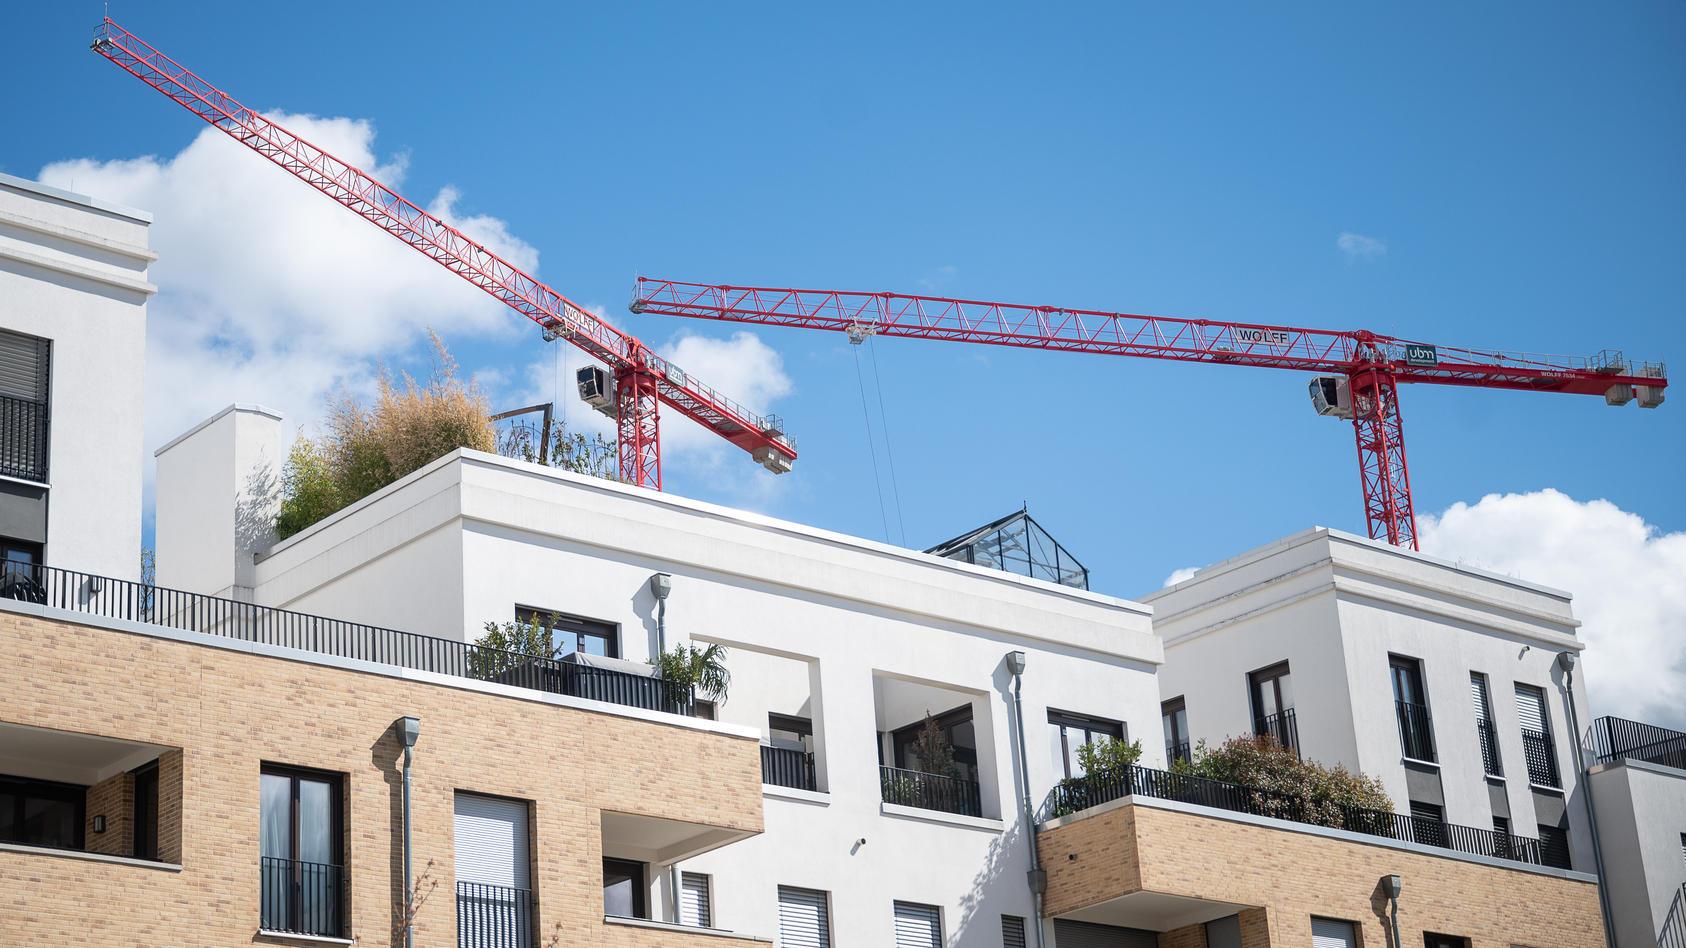 Wohnung mieten oder kaufen: Das hängt von der Lage der Immobilie und von der individuellen Lebenssituation ab.